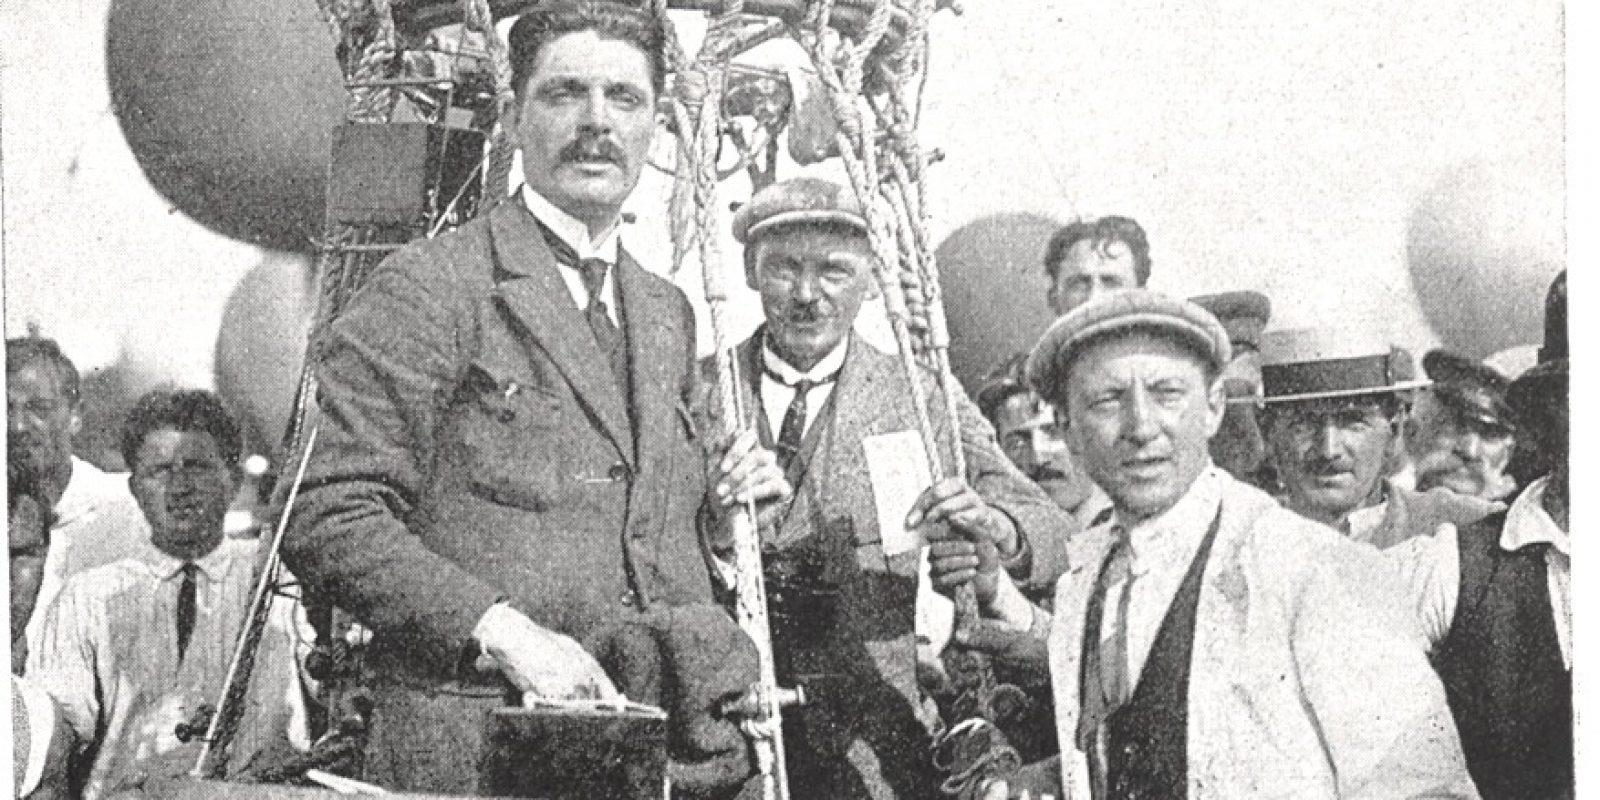 Juste avant le départ de la course Gordon Bennett le 6 août 1922 à Genève: de gauche à droite, Ernest Demuyter, Veenstra et Félix Van den Bemden. Le ballon parcourut 1.372 km en 28 heures 49 minutes et prit ainsi la tête du classement. (Archive La Conquête de l'Air)